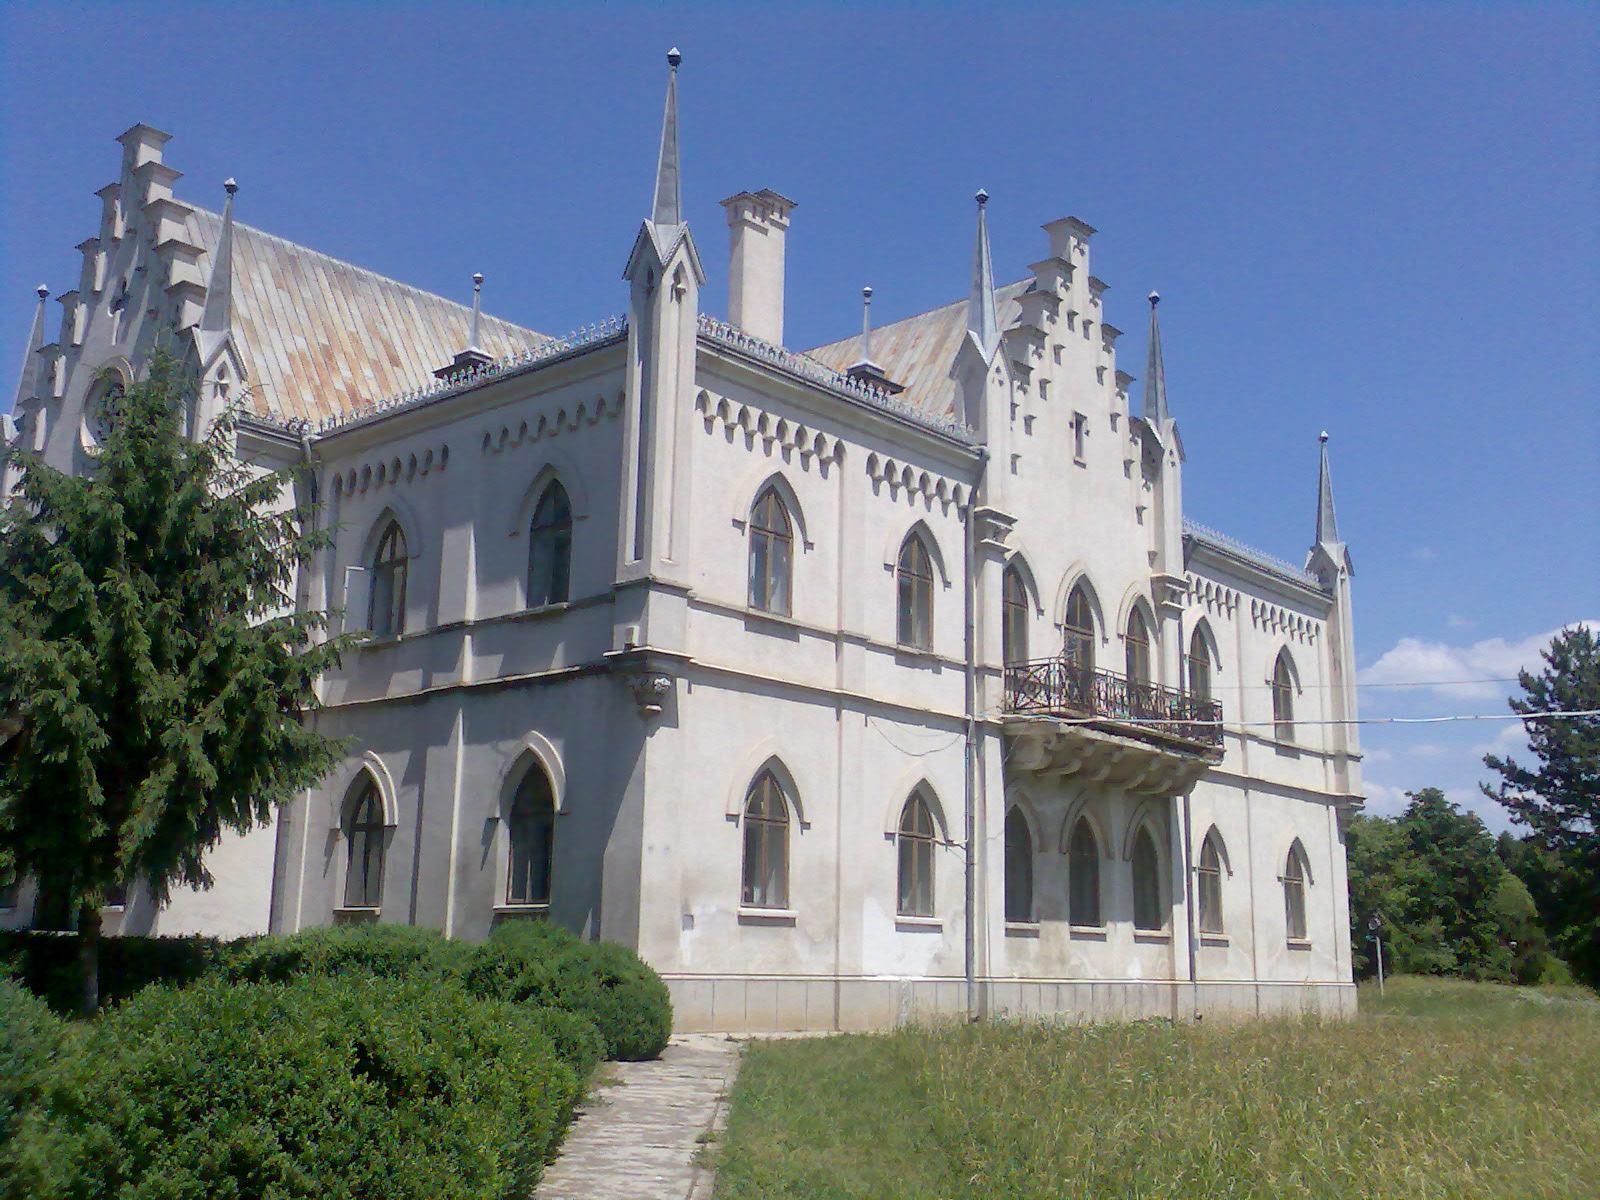 http://upload.wikimedia.org/wikipedia/commons/0/01/Palatul_de_la_Ruginoasa1.jpg